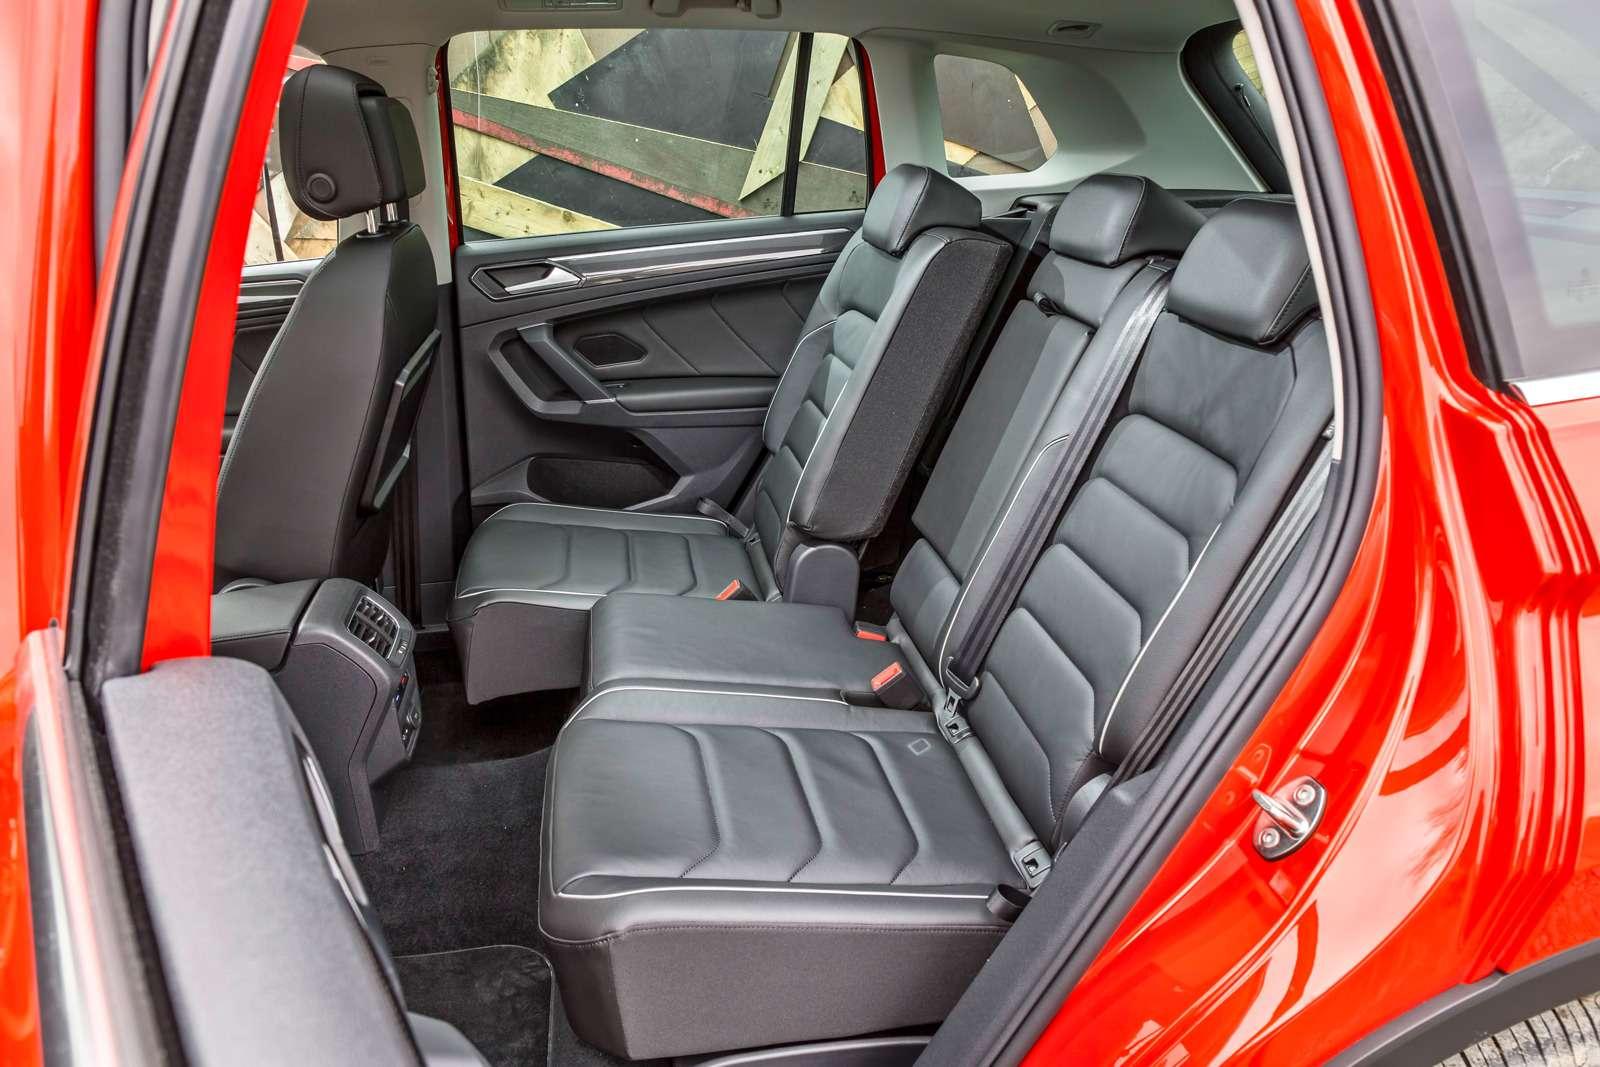 Тест нового Volkswagen Tiguan: победа экологов надавтоспортсменами— фото 594457